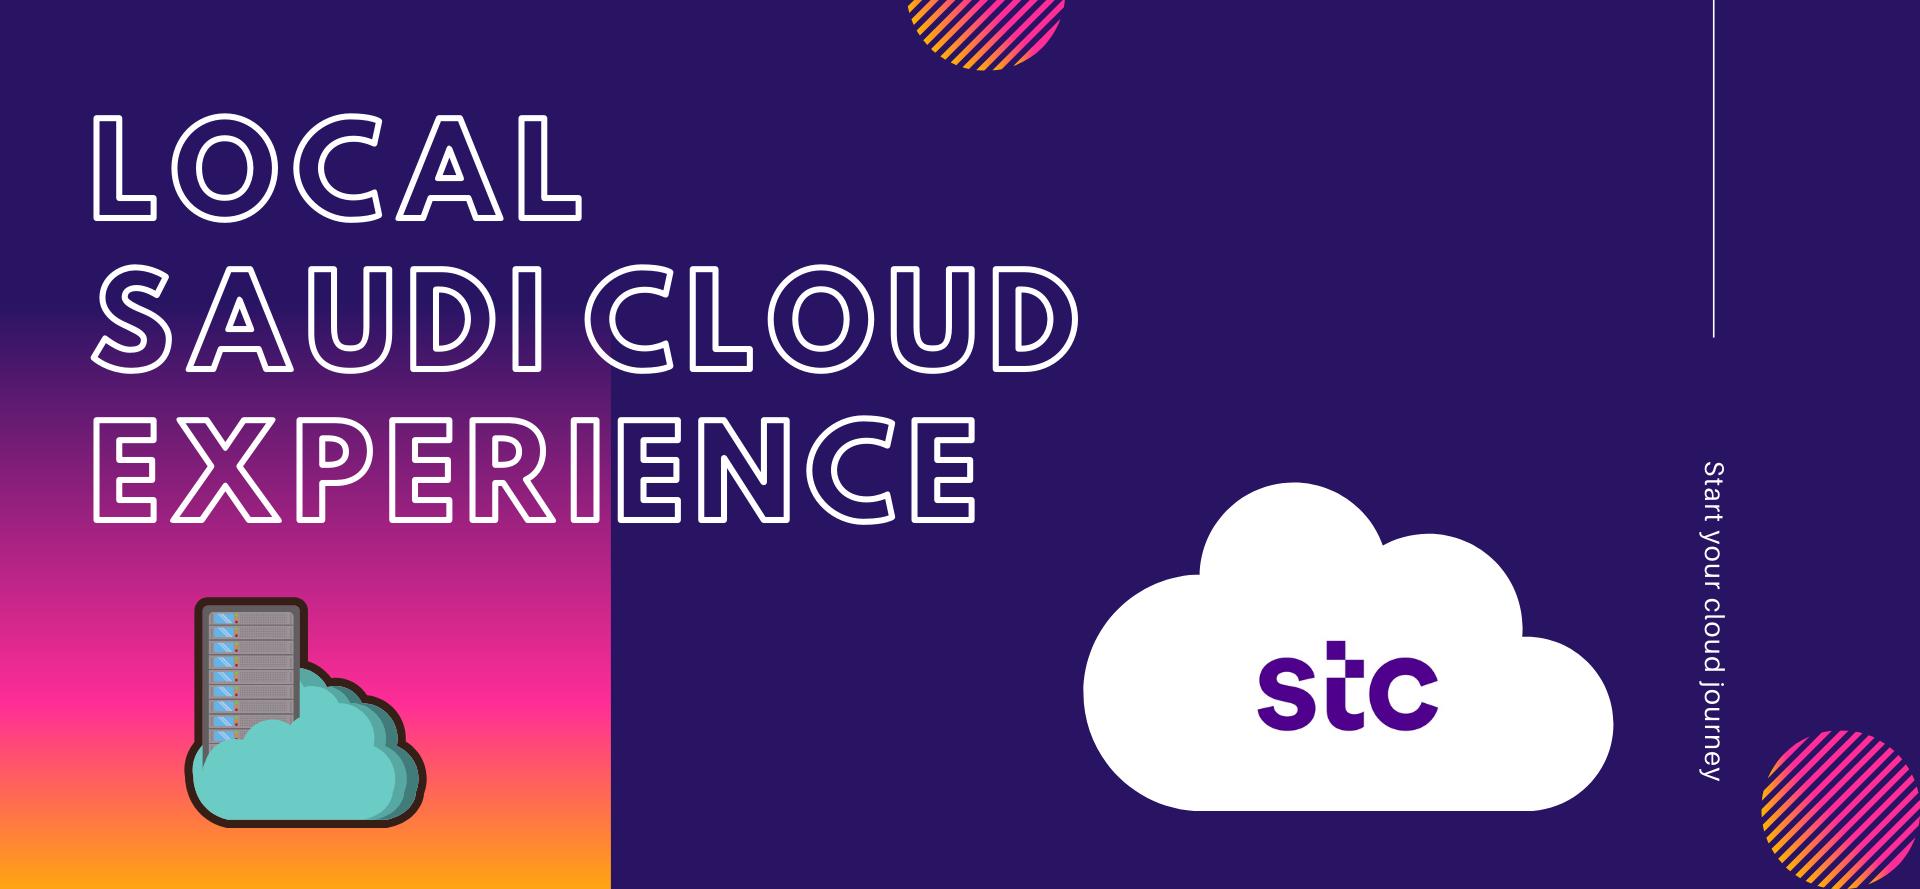 STC Cloud